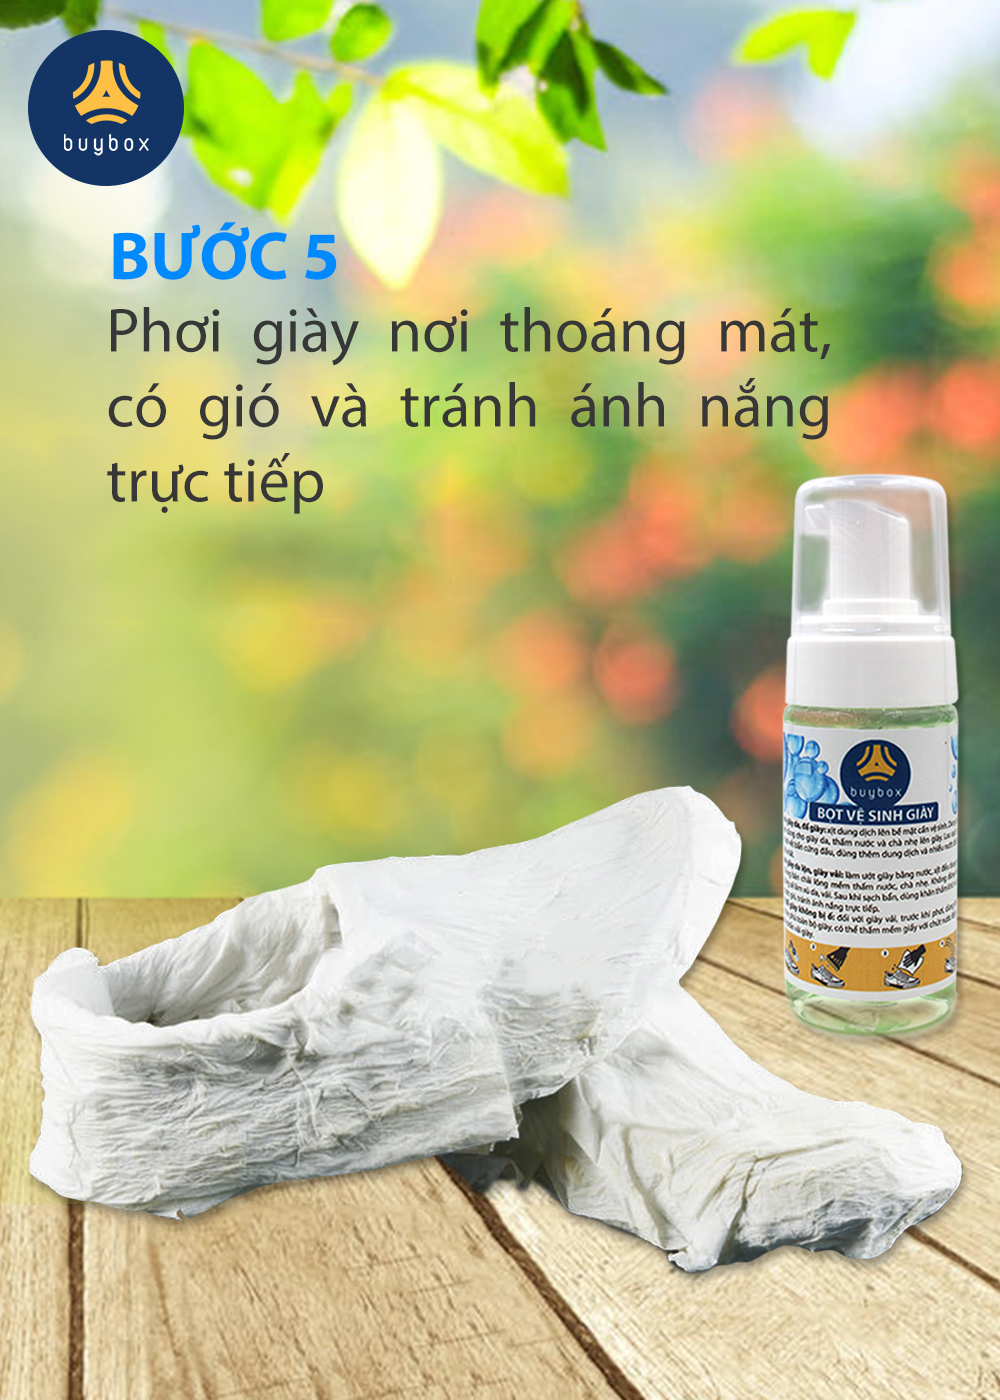 Bọt vệ sinh giày và giặt giày (150ml) - buybox - PKBB60